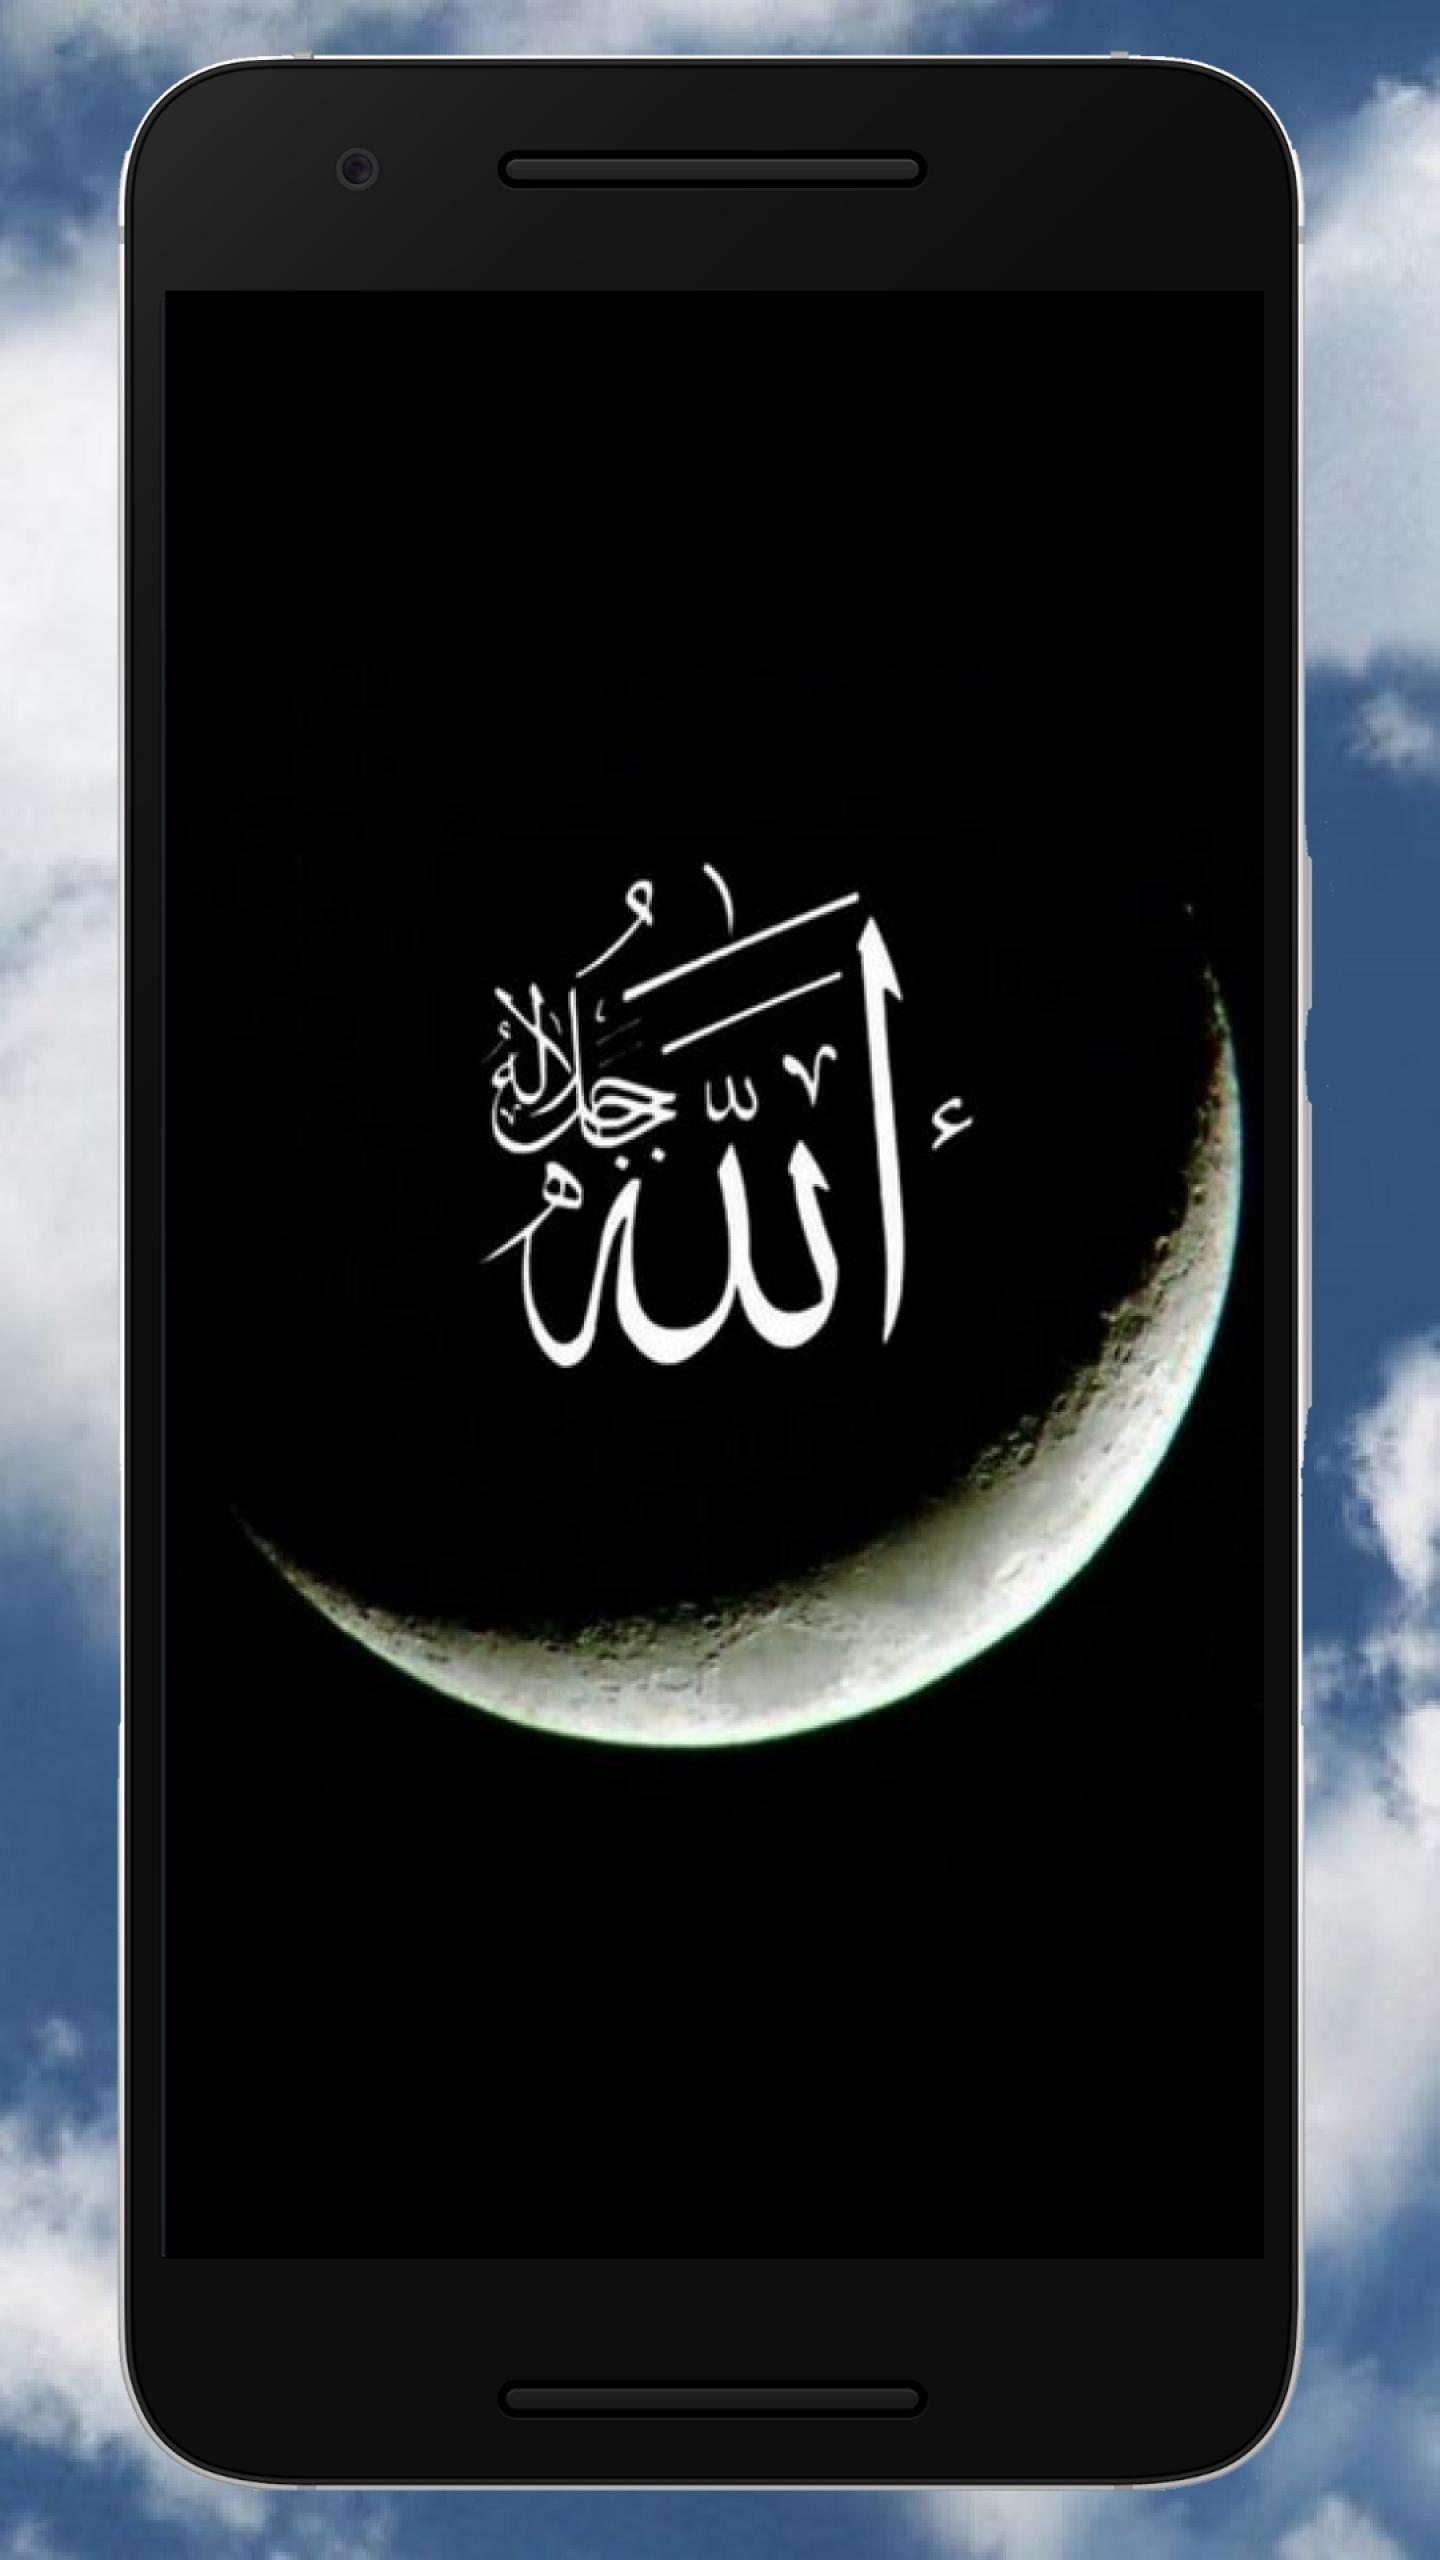 Unduh440 Allah Wallpaper Apk Foto Gratis Allah Wallpaper Islamic Wallpaper Hd Wallpaper Keren